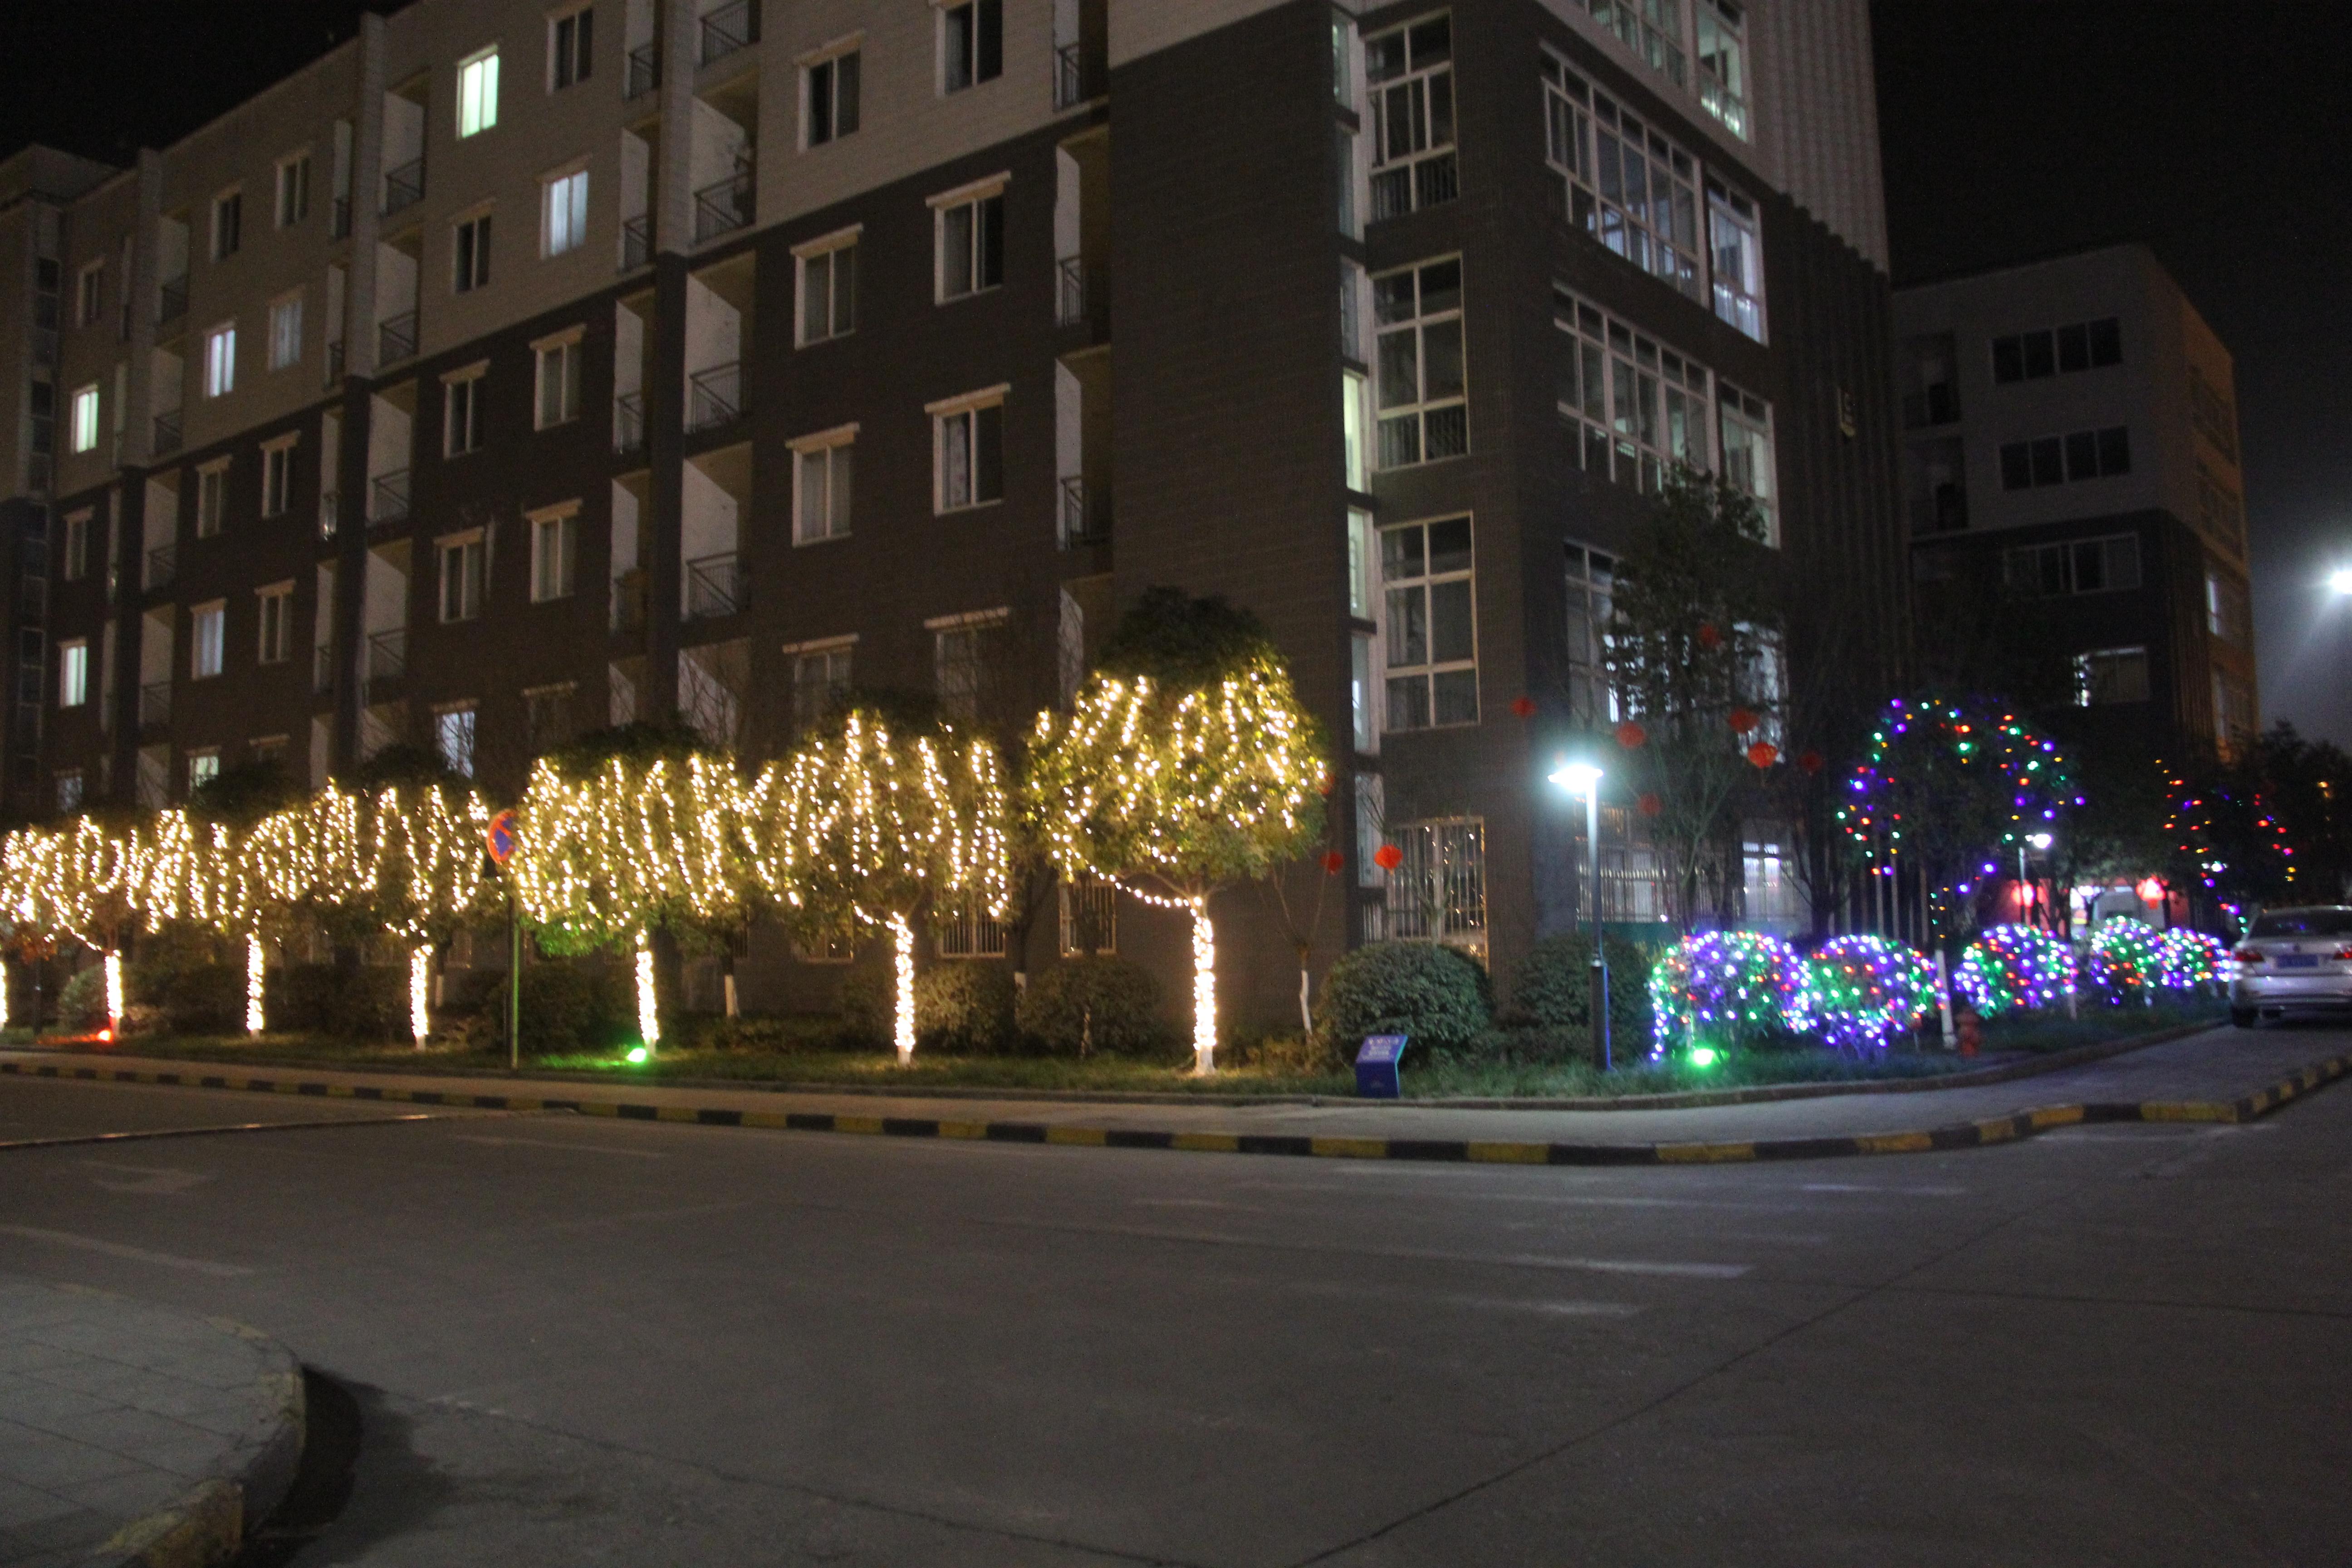 【美丽汉钢】旅游后勤部提早开展生活区春节亮化及氛围营造工作